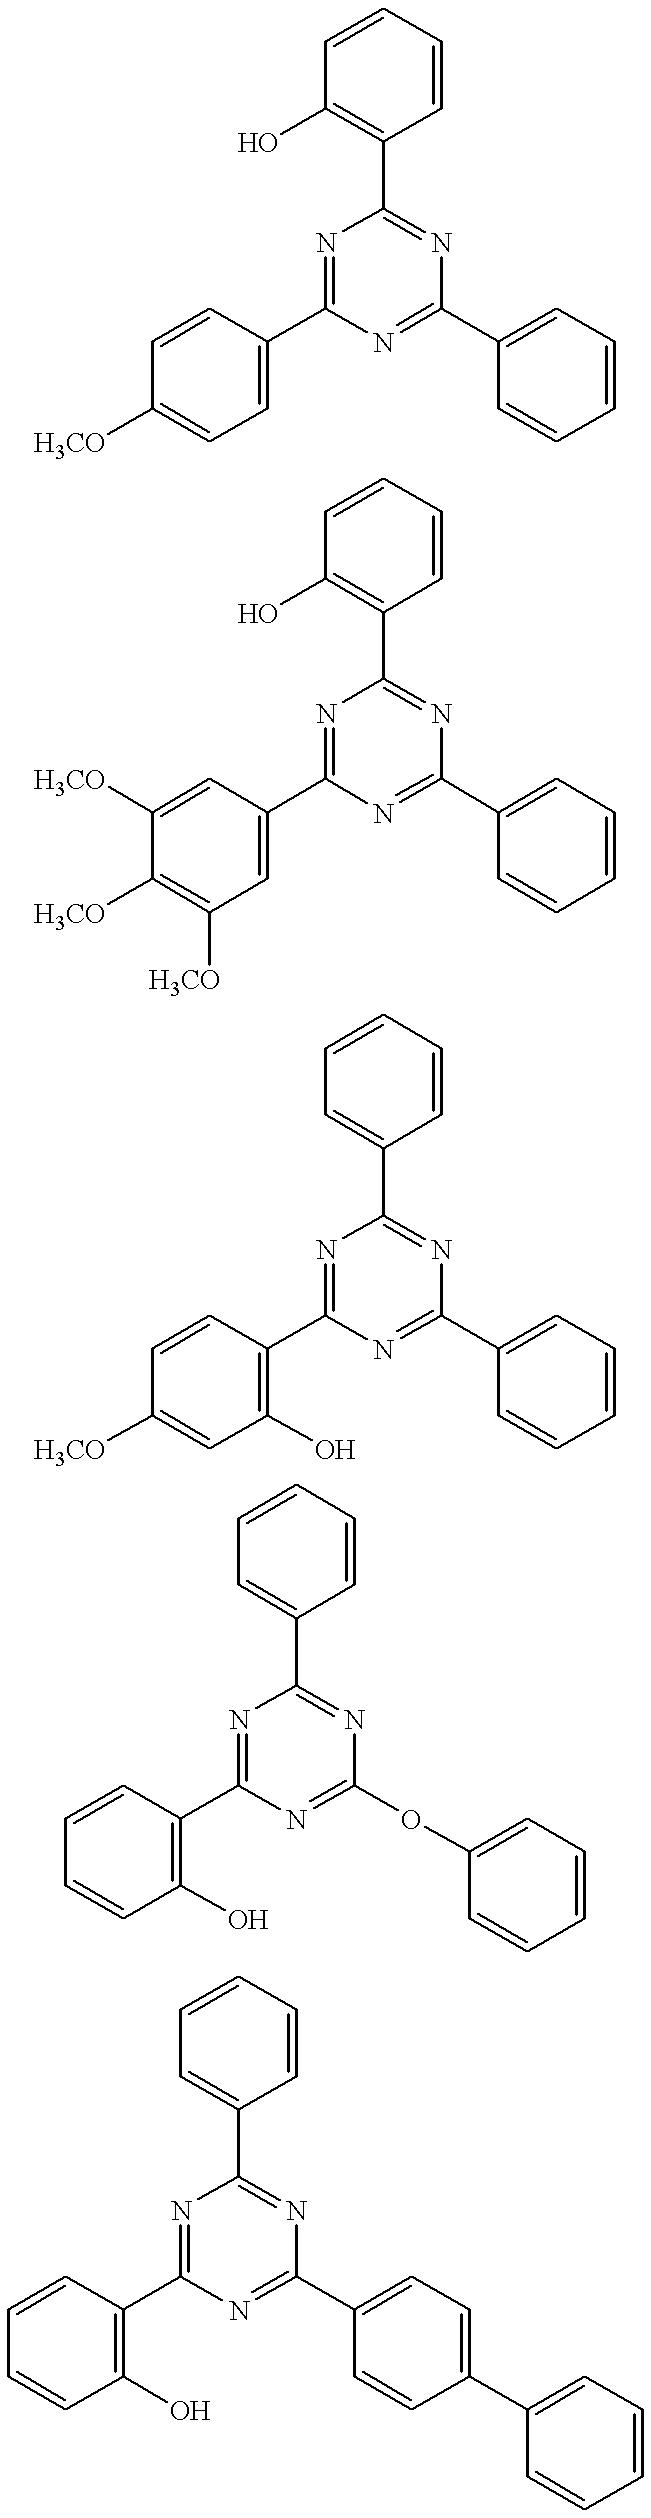 Figure US06531117-20030311-C00007